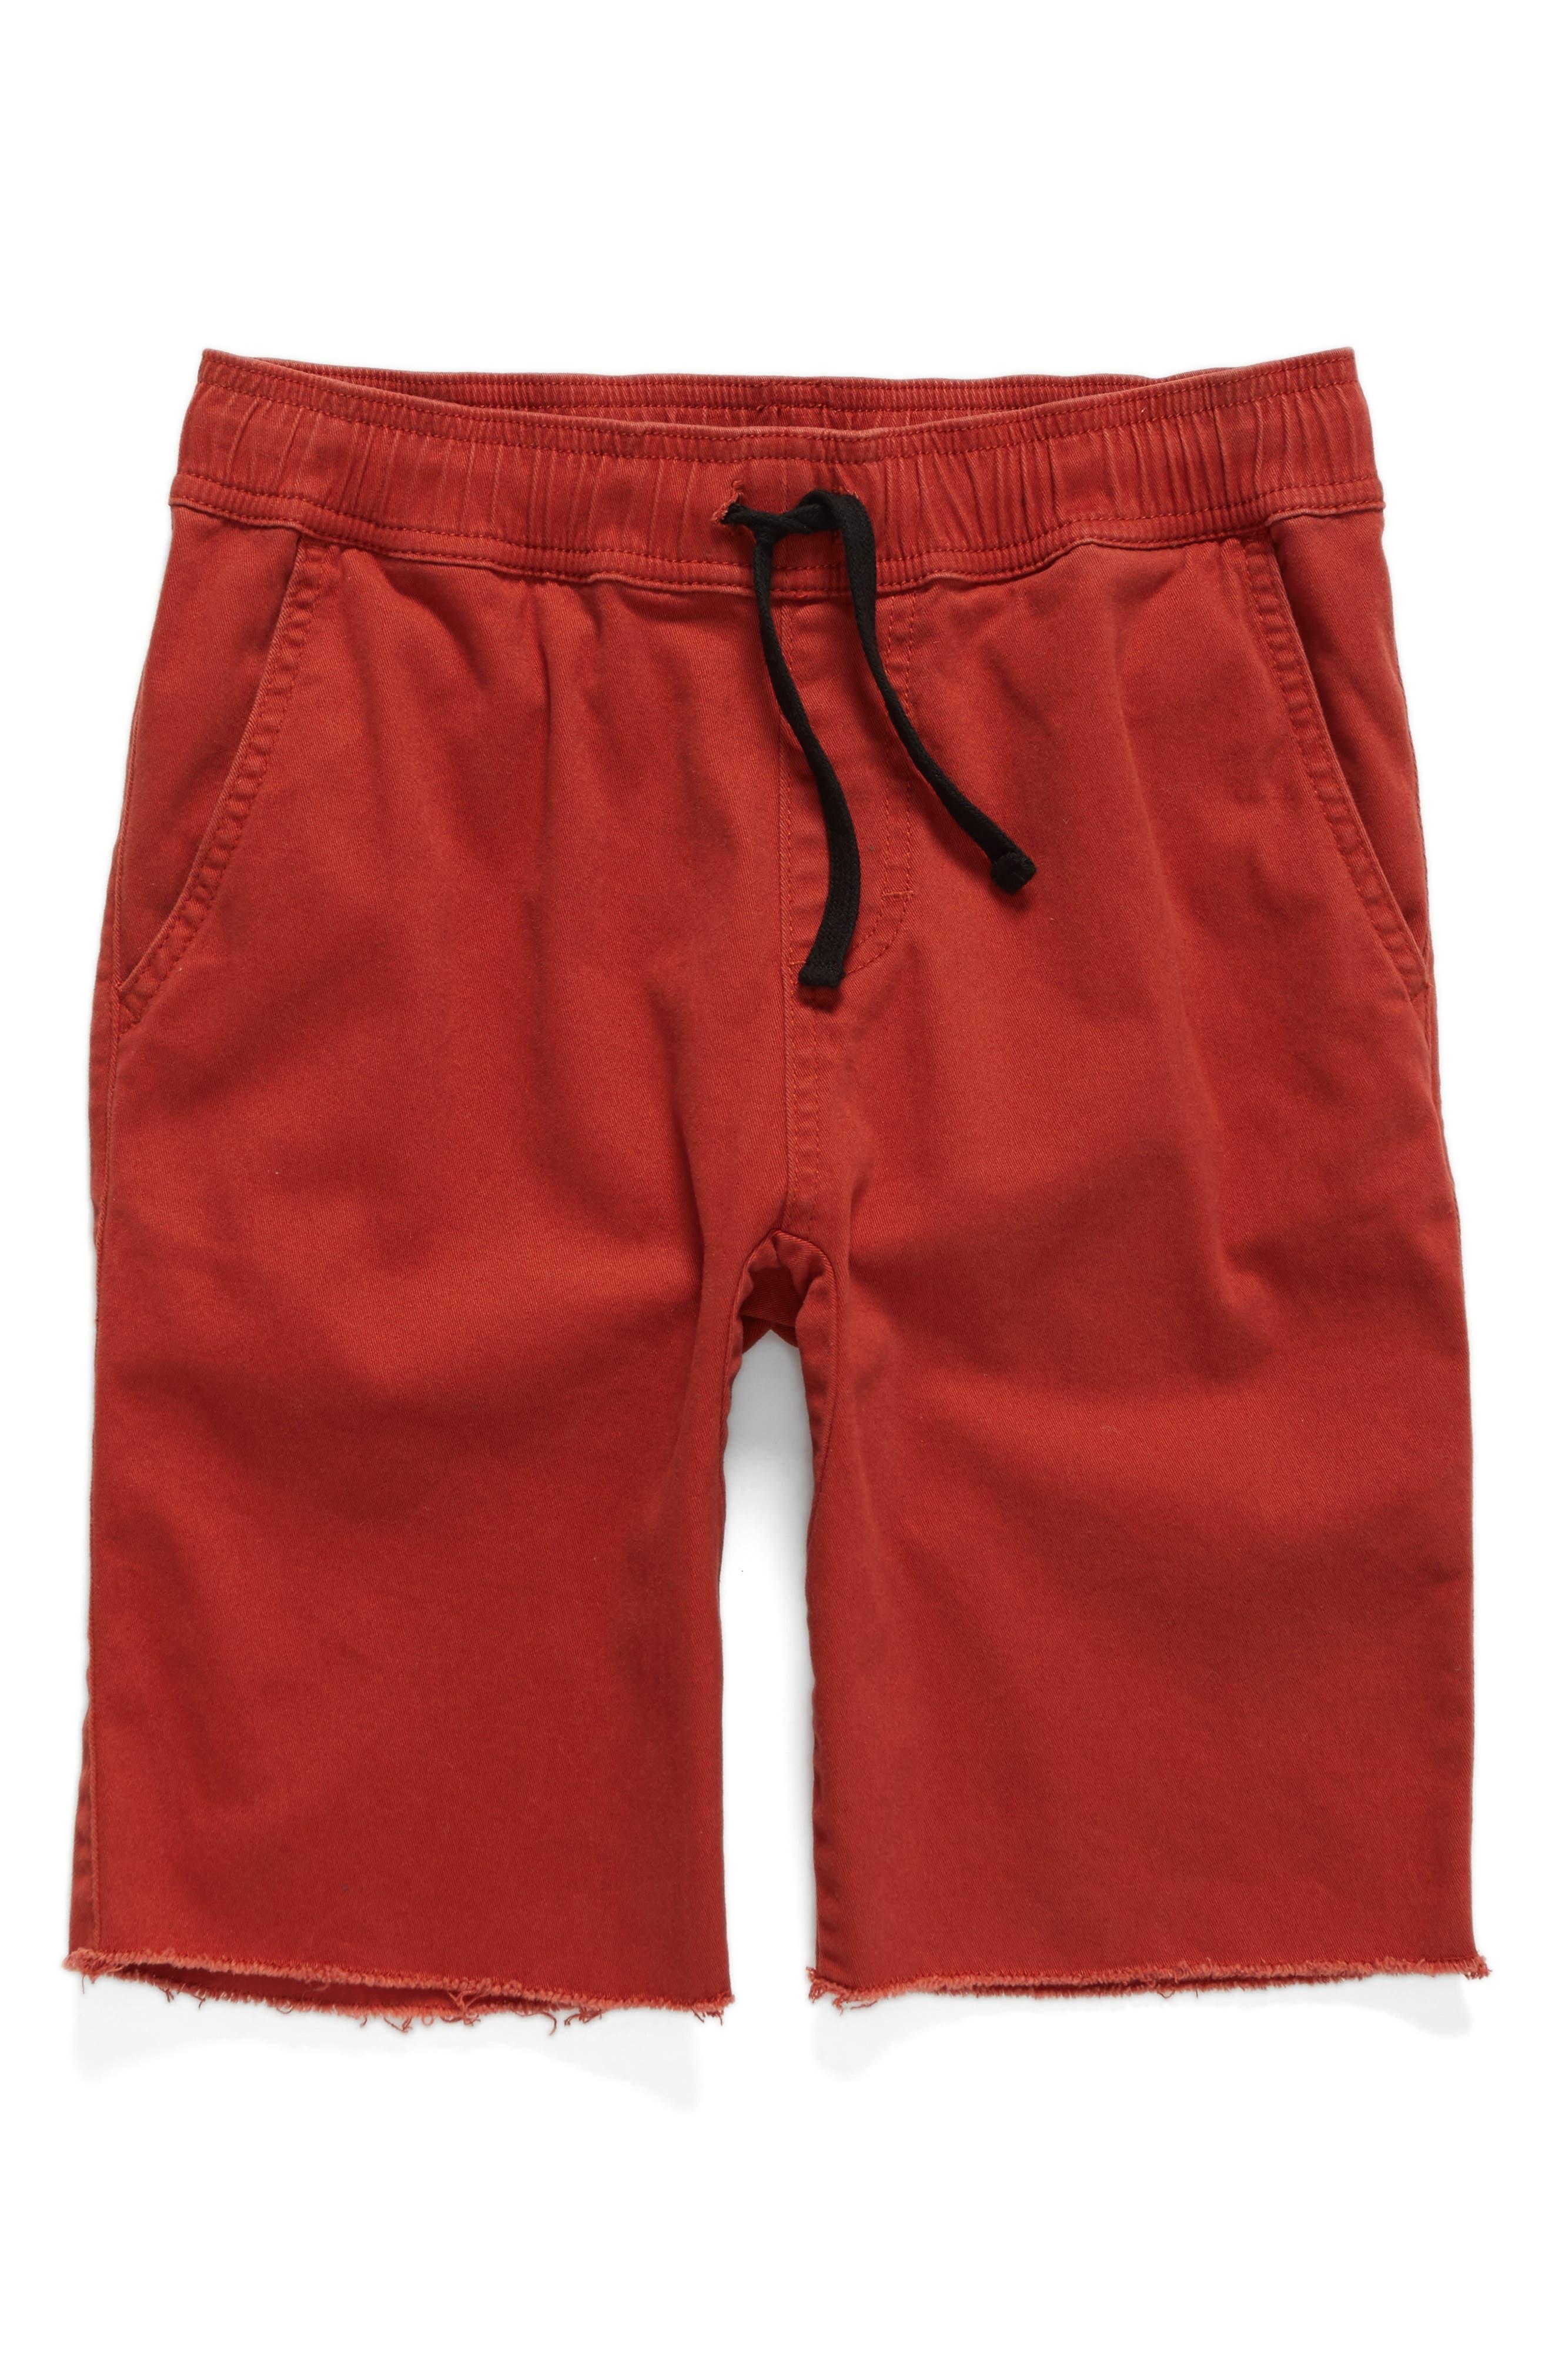 Jogger Shorts,                             Main thumbnail 1, color,                             Red Ochre